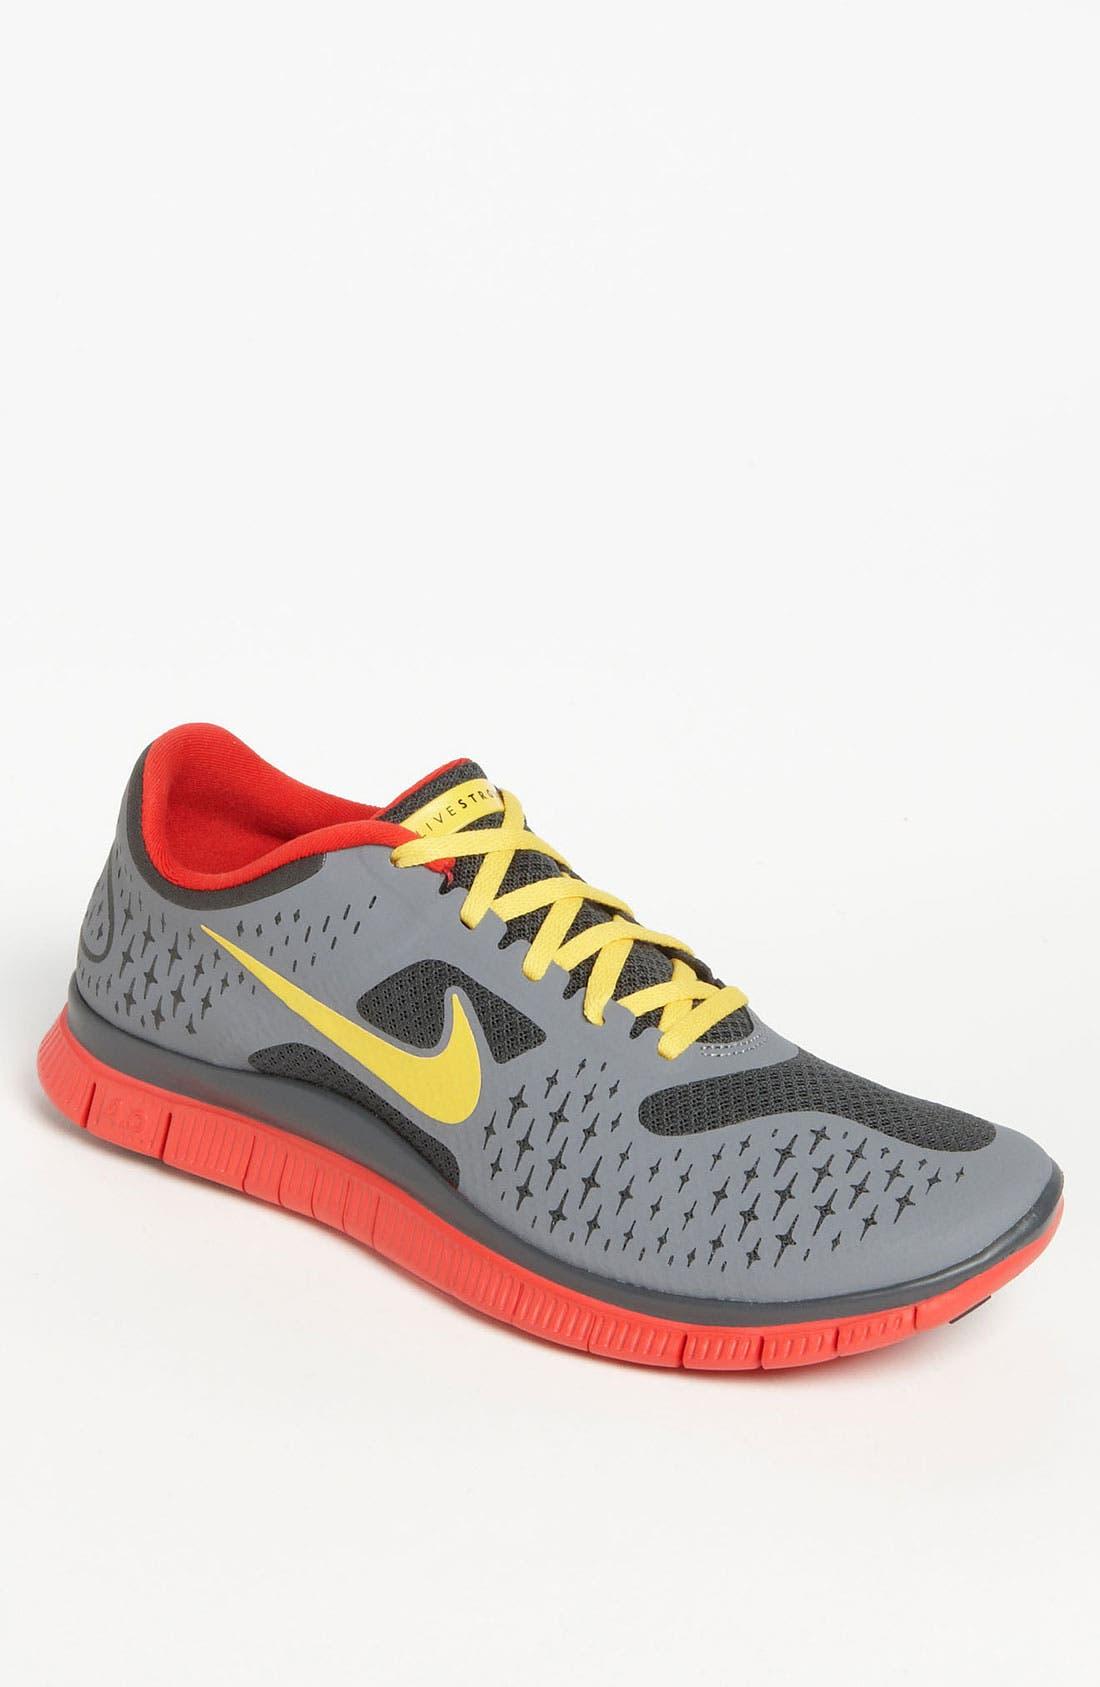 Main Image - Nike 'Free 4.0 V2 LAF' Running Shoe (Men)